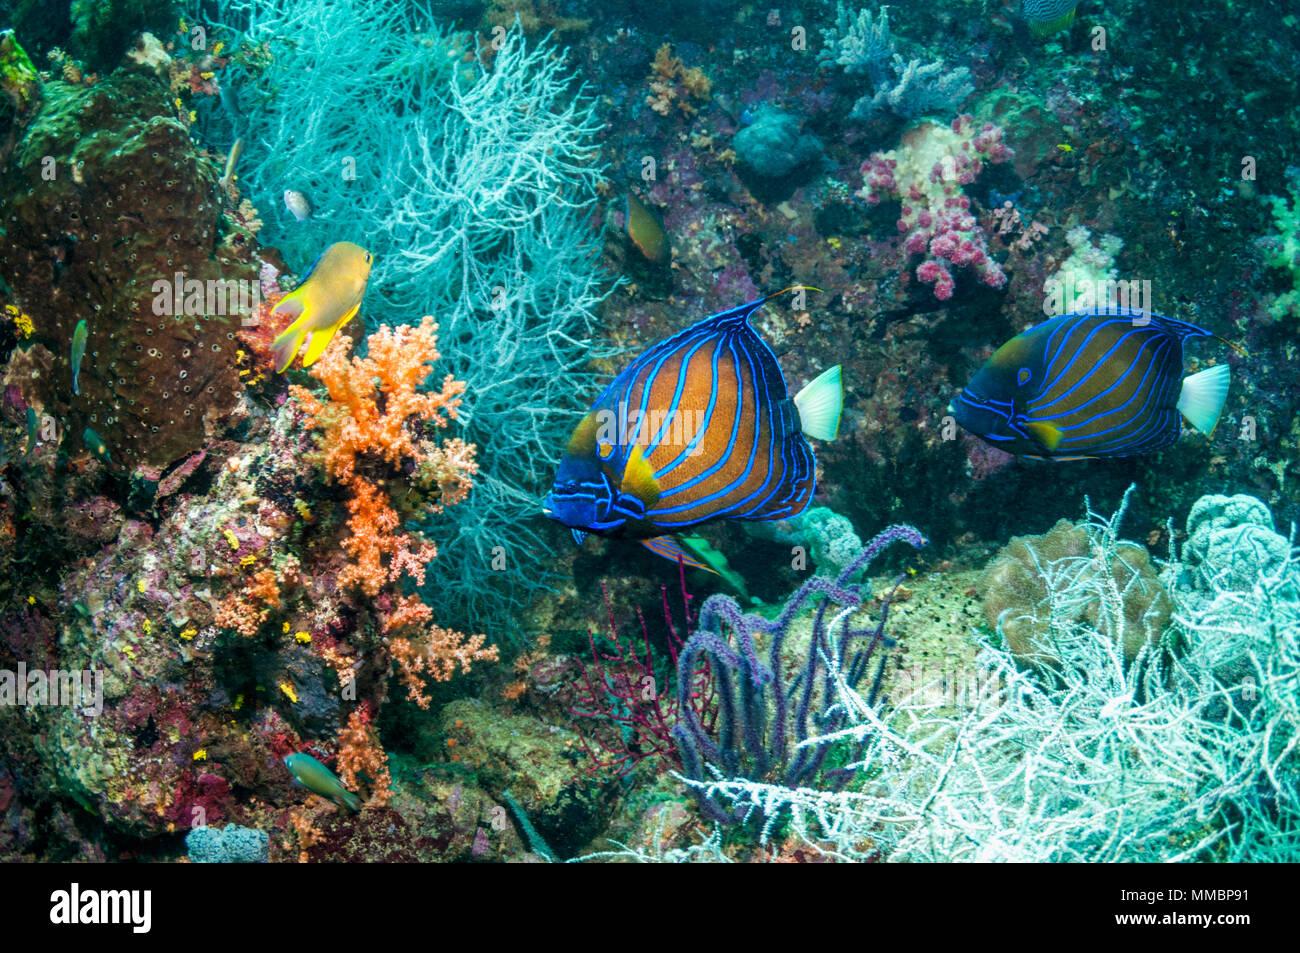 Blue-ringed angelfish Pomacanthus annularis [PAIRE] au cours de natation avec récif de corail Le corail noir. La Papouasie occidentale, en Indonésie. Photo Stock